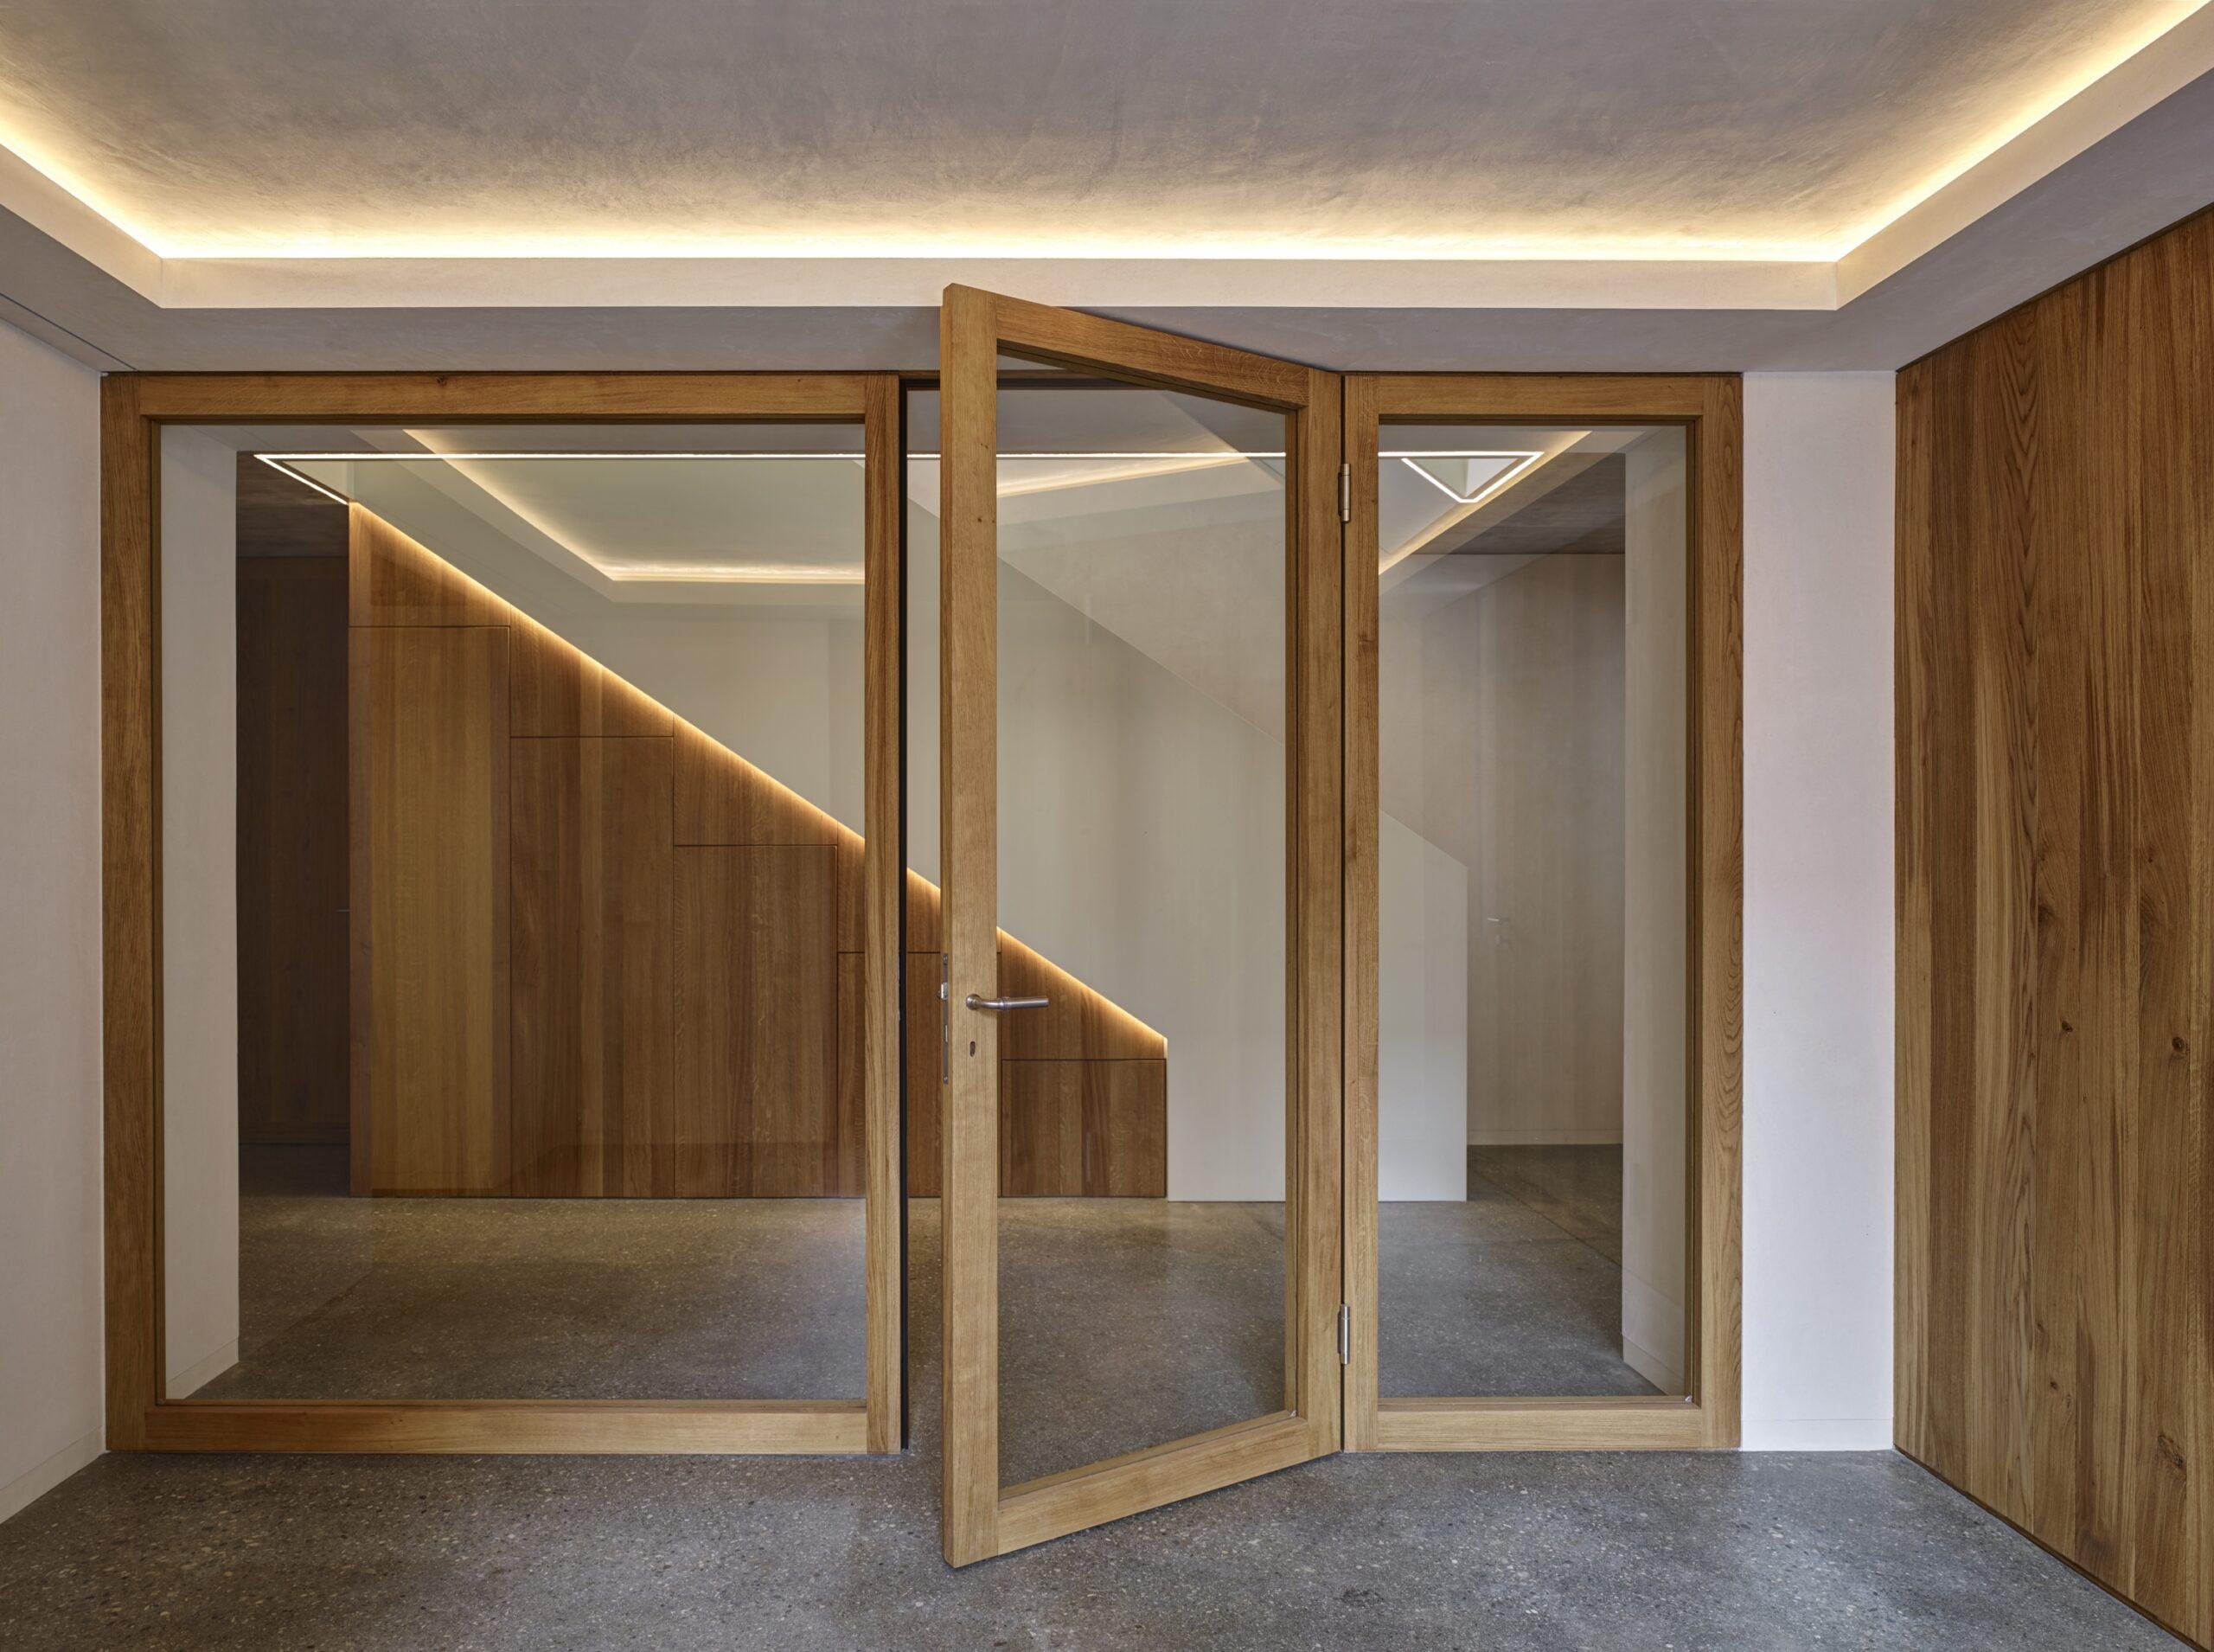 Haus Holdergasse, Eingangsbereich, Stiegenhaus, BE Architekten, Olex, Marc Lins